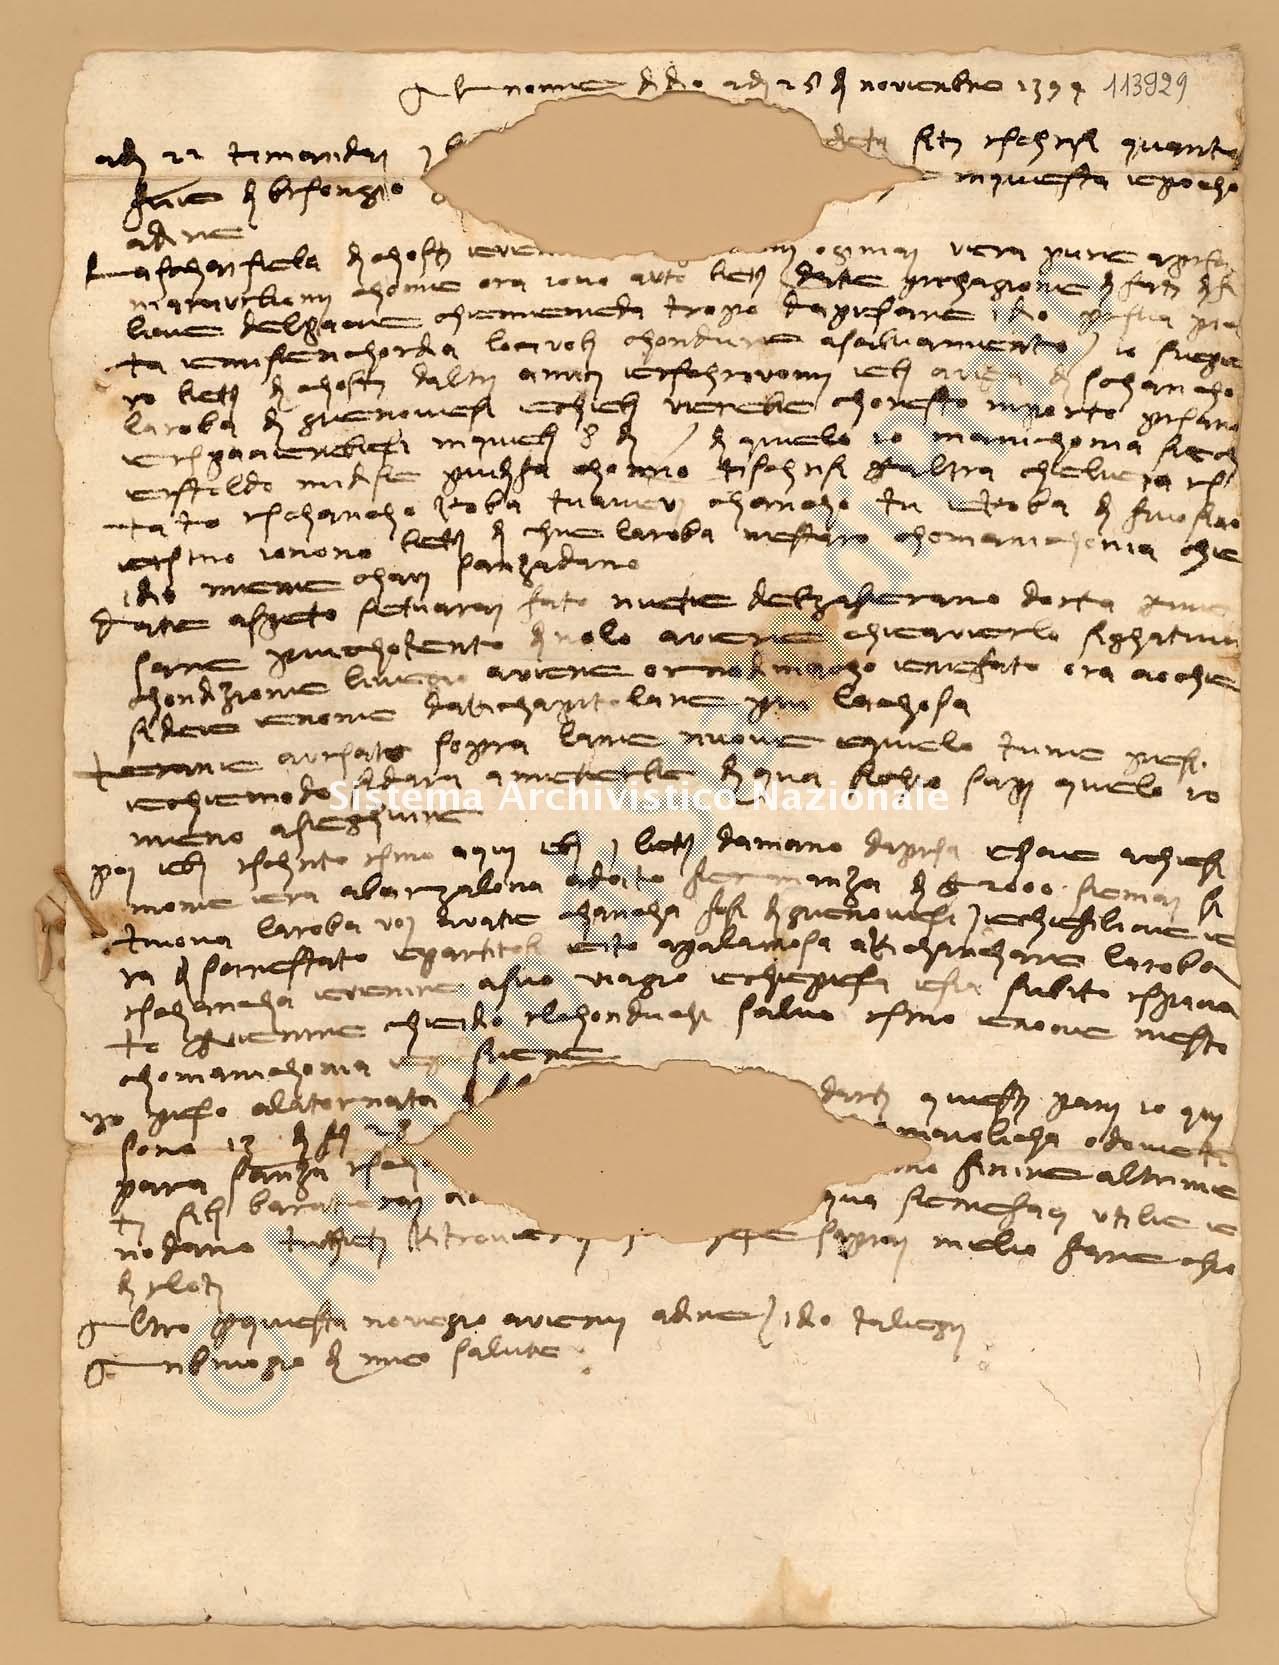 Archivio di Stato di Prato, Fondo Datini, Fondaco di Barcellona, Carteggio diretto al fondaco da Firenze, 857.1 Lettere Di Boni Ambrogio Di Meo a Datini Francesco Di Marco e Luca Del Sera e Comp. (busta 857, inserto 1, codice 113929)